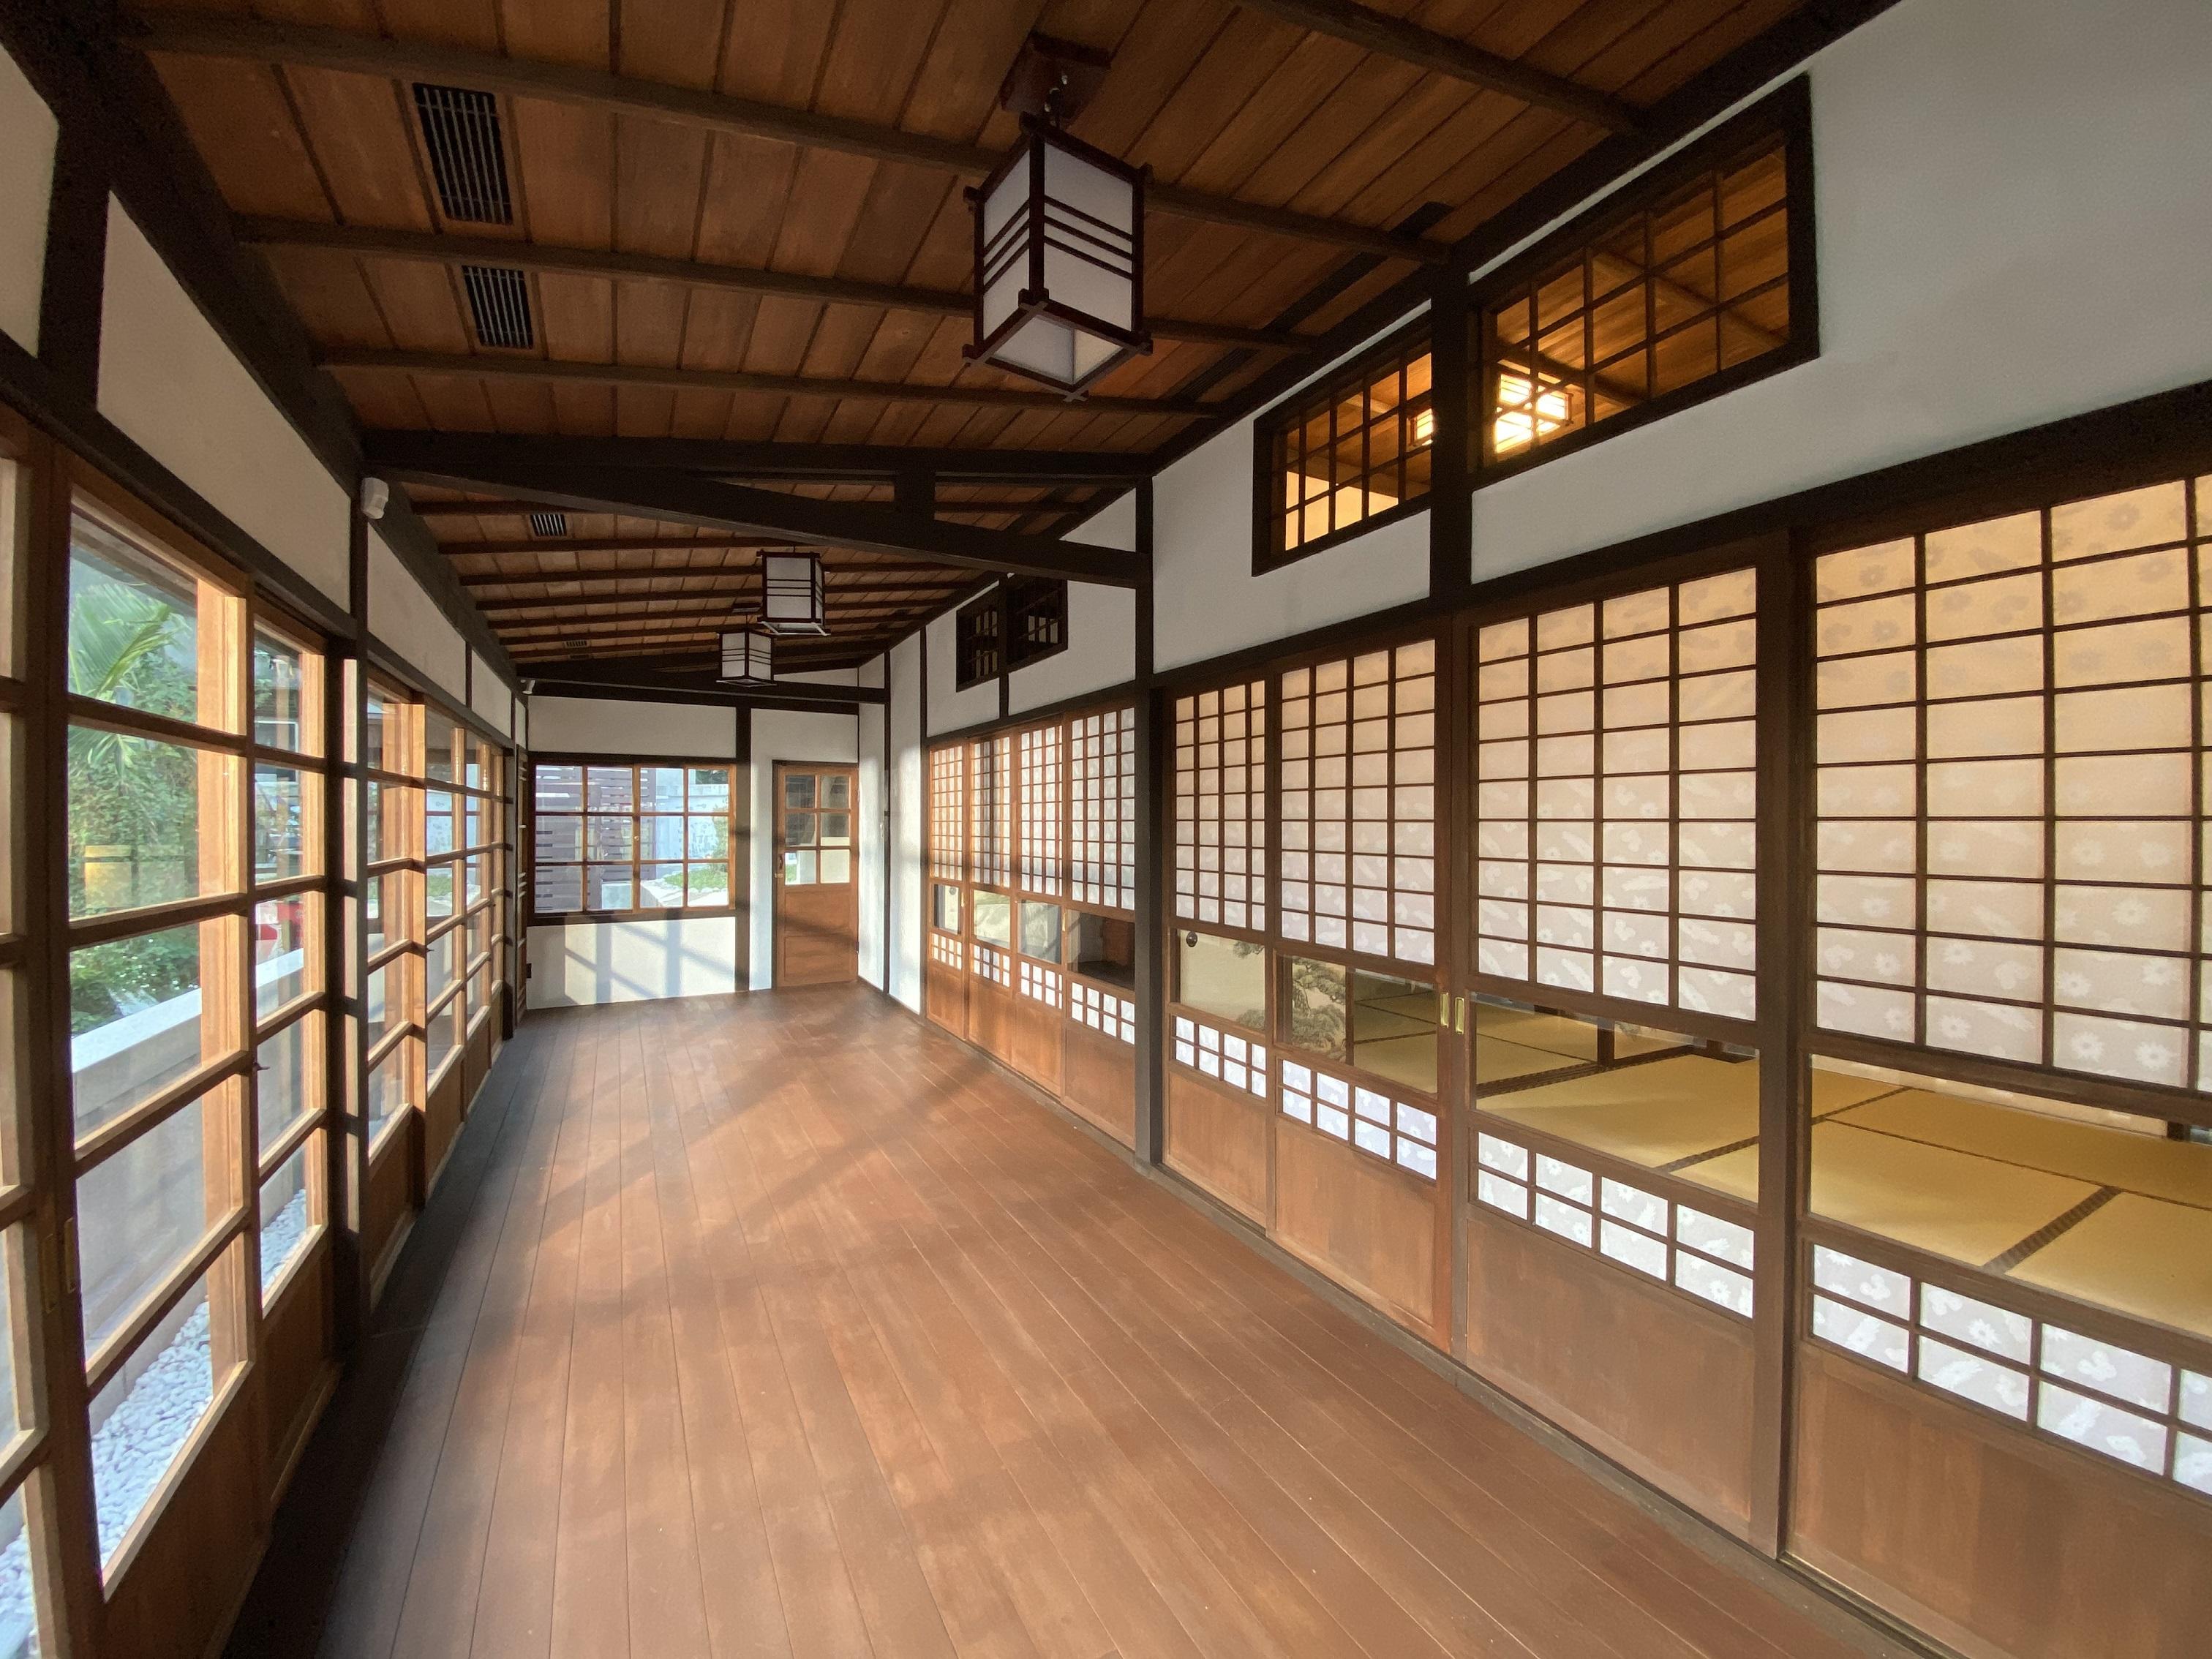 淡水日本警官宿舍(圖片來源:新北市立淡水古蹟博物館)